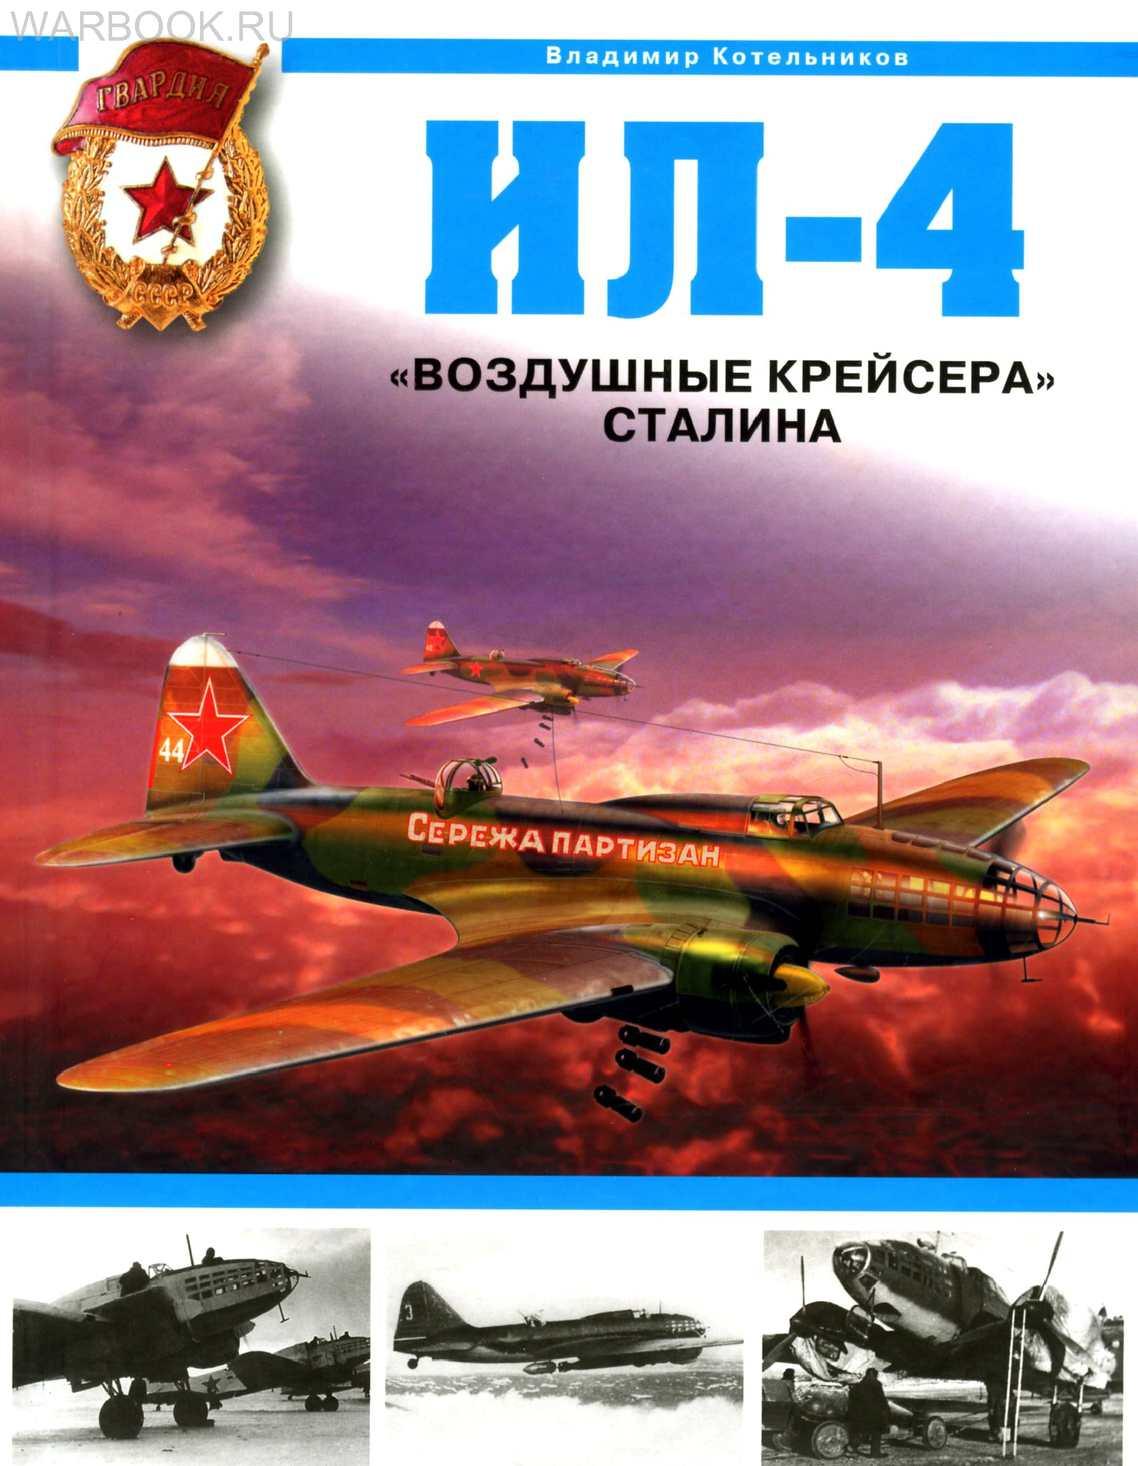 Котельников - Ил-4 - воздушные крейсера Сталина - 2009